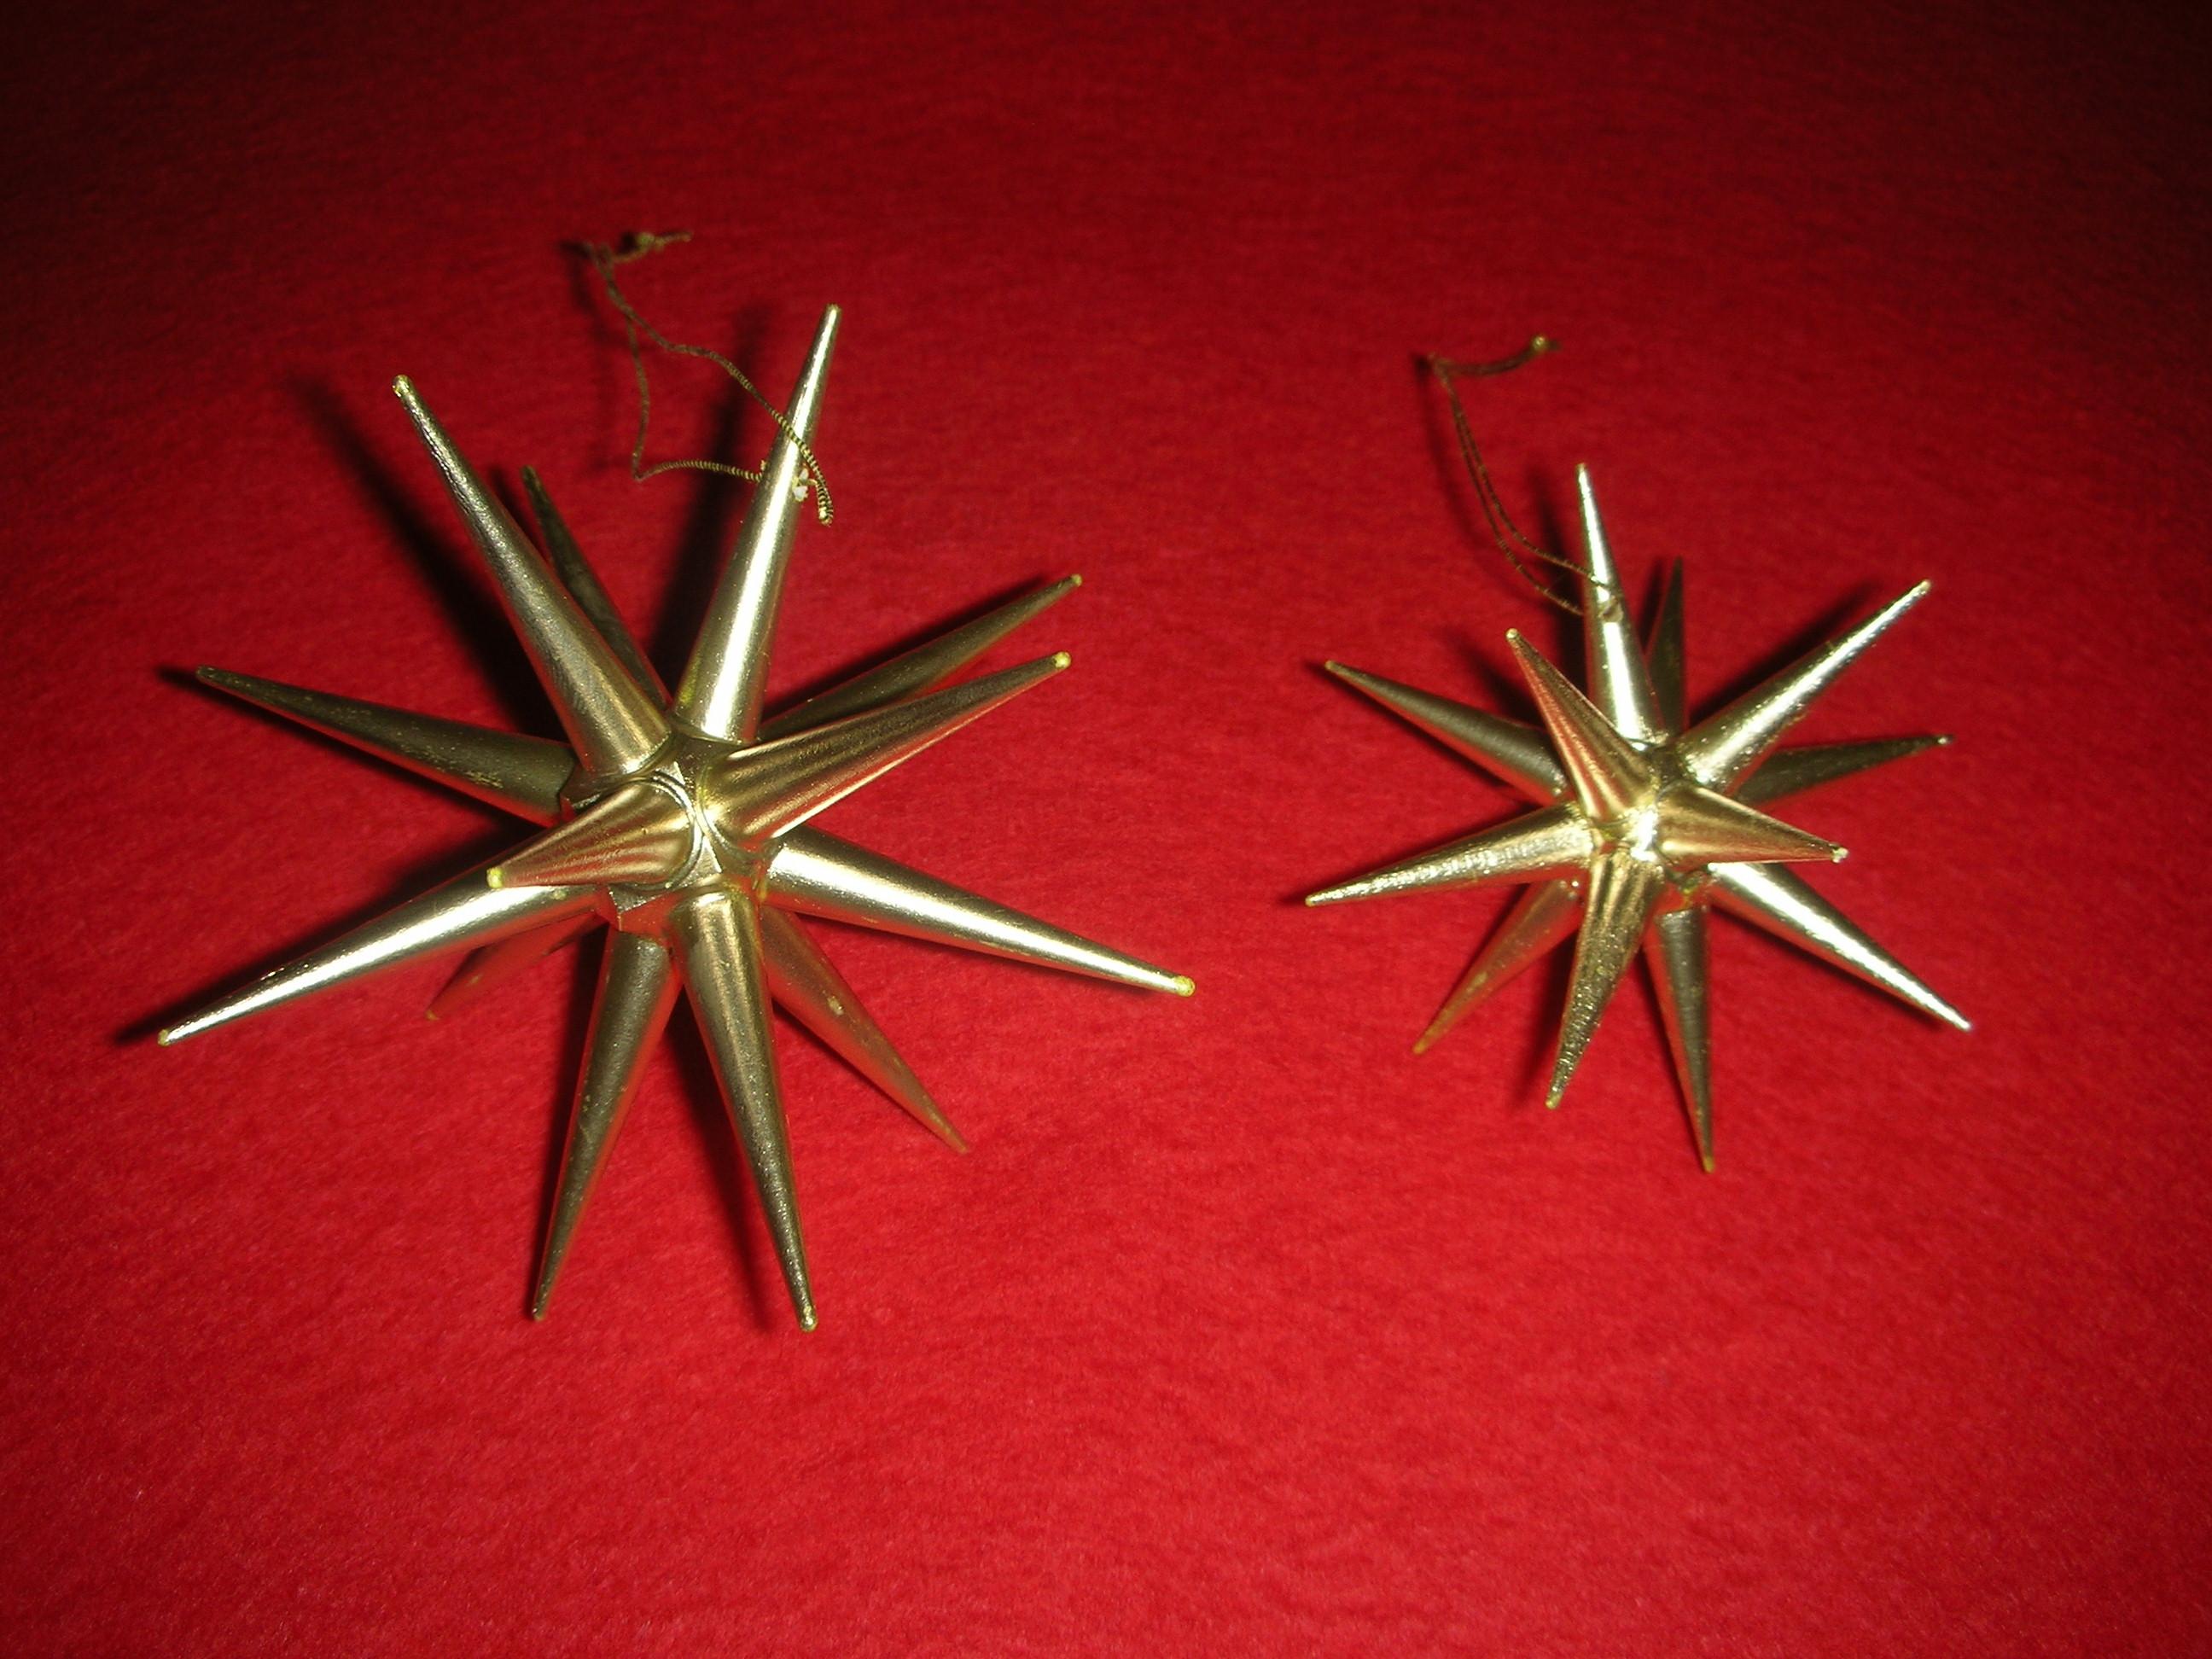 金の星立体,オーナメント,クリスマス,アルビンプライスラー,寿月すみたや